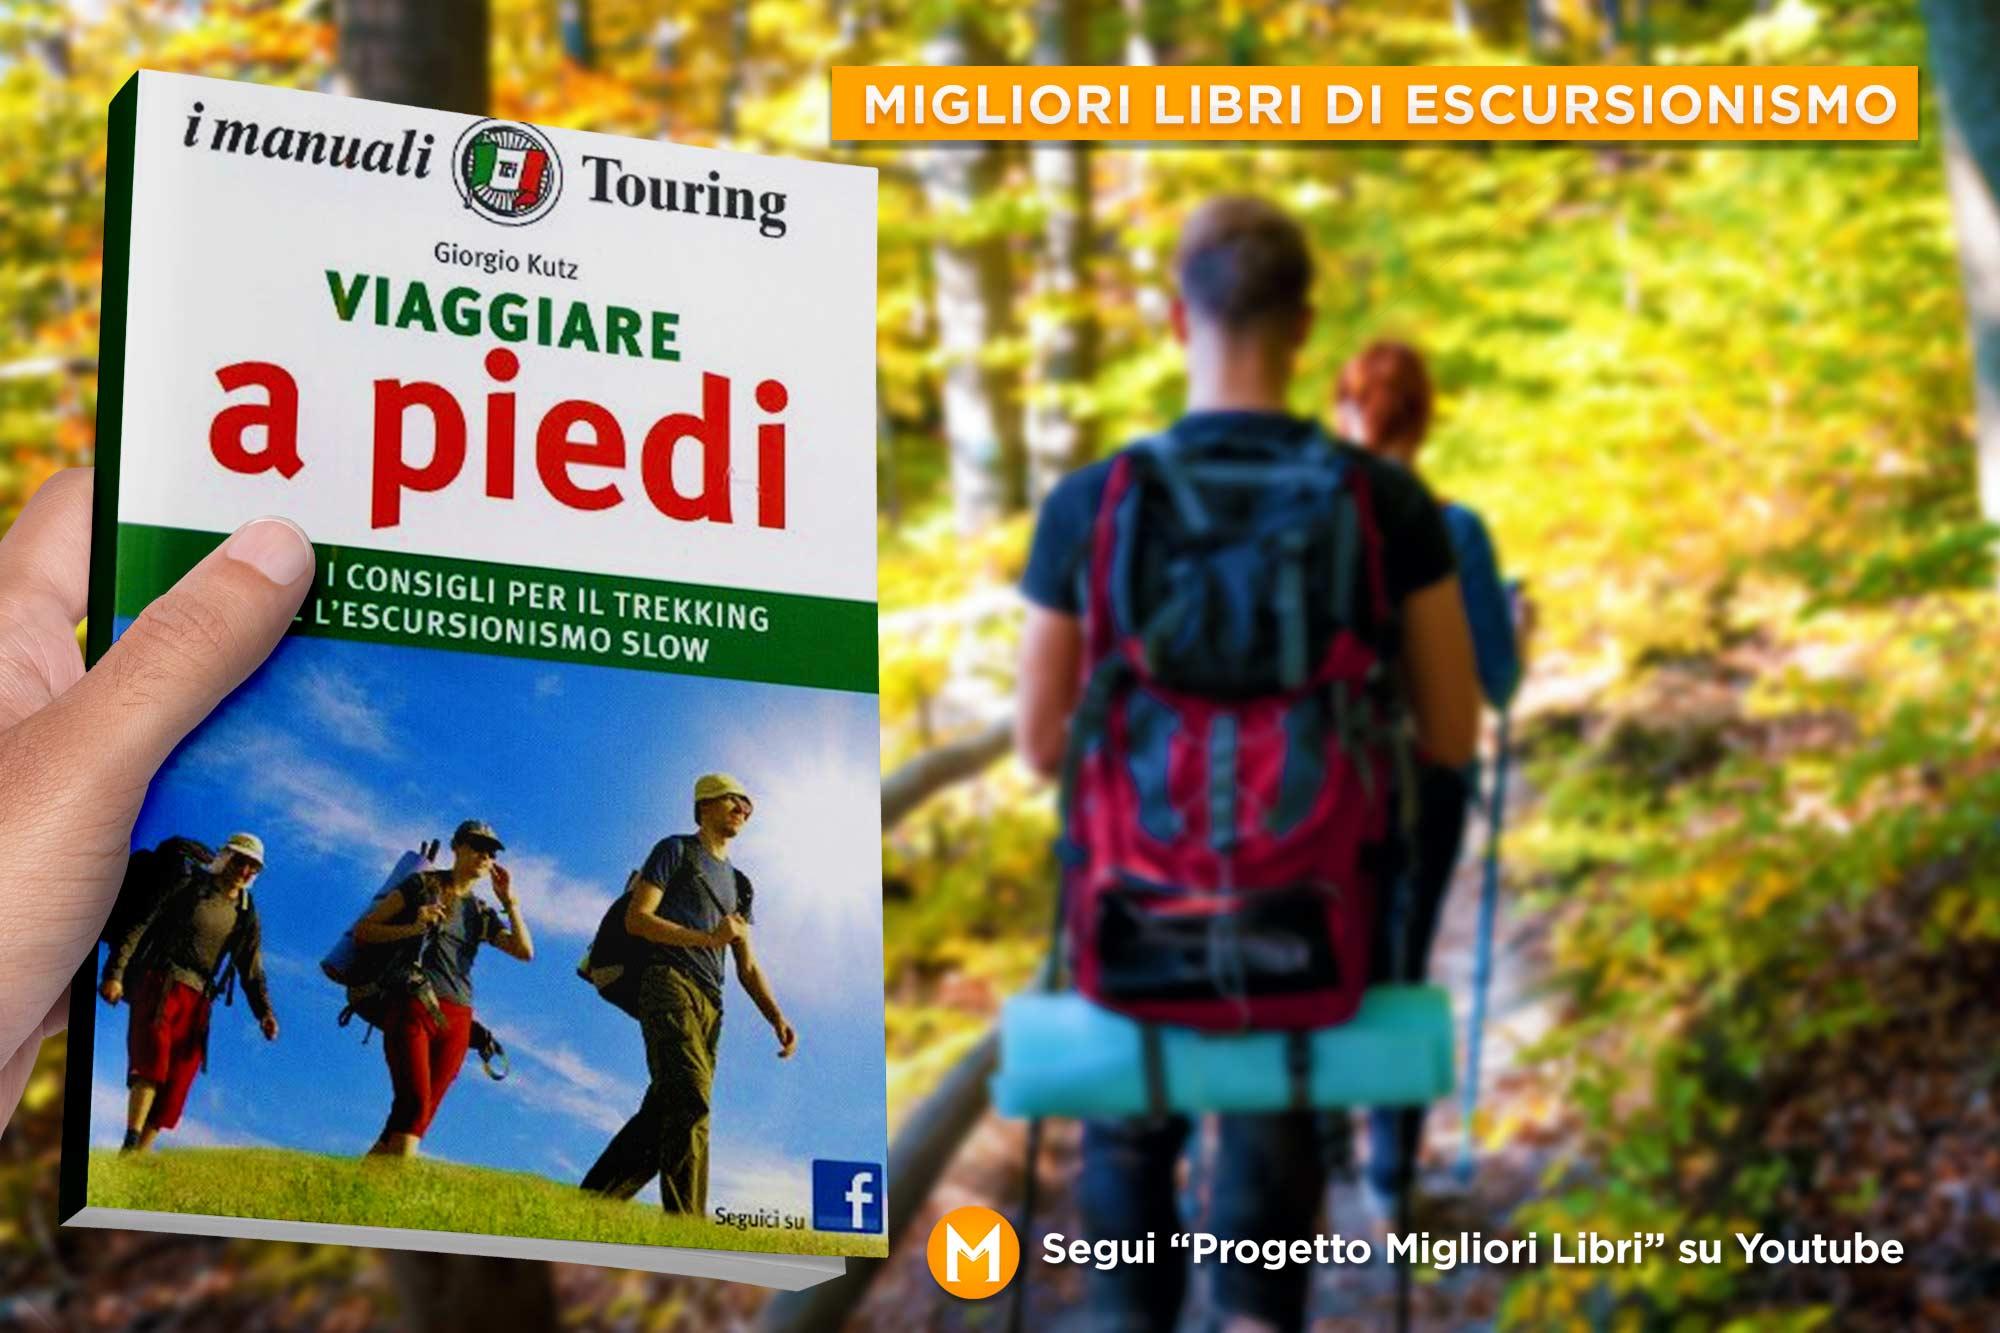 migliori-libri-di-escursionismo